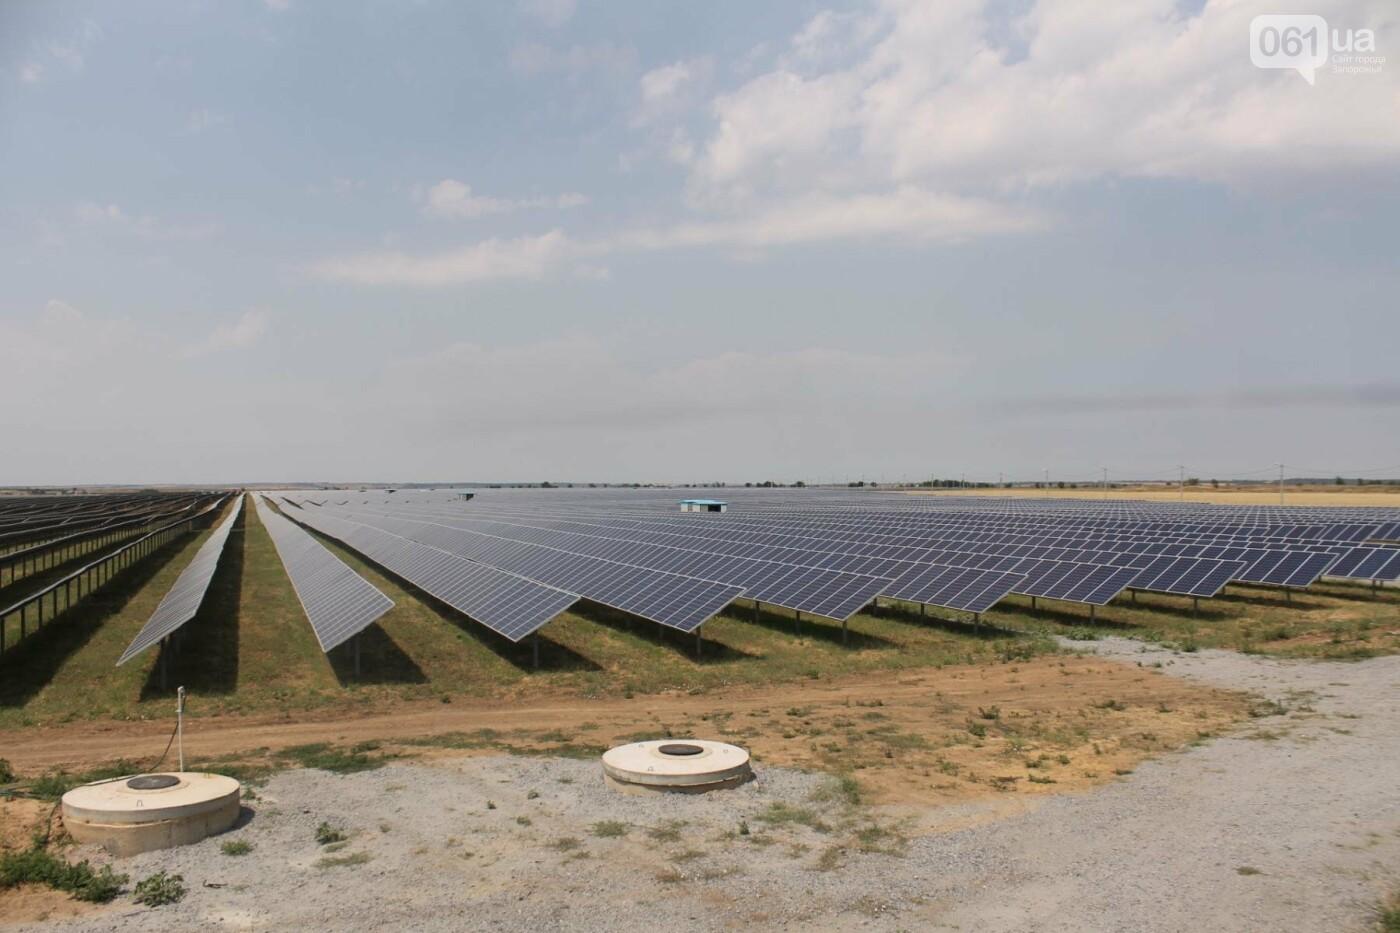 Как в Запорожской области работает крупнейшая в Украине солнечная станция: экскурсия на производство, — ФОТОРЕПОРТАЖ, фото-4